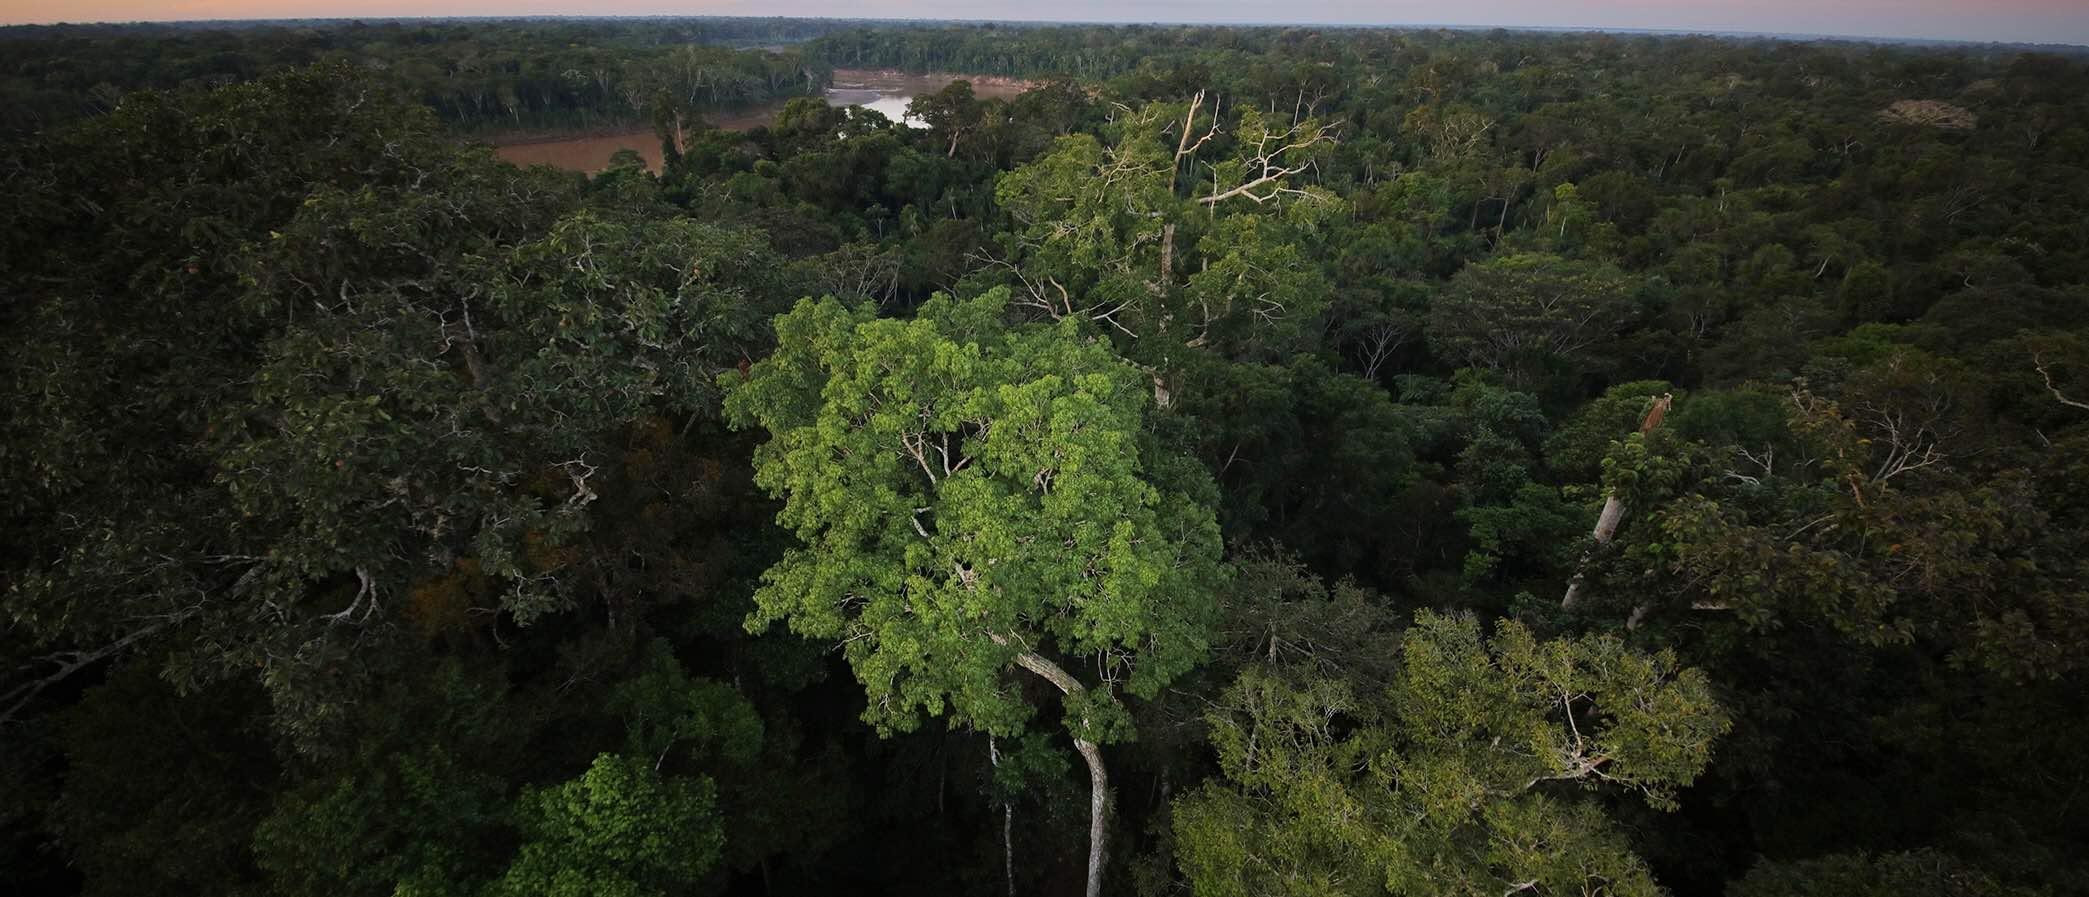 Rainforest Tour